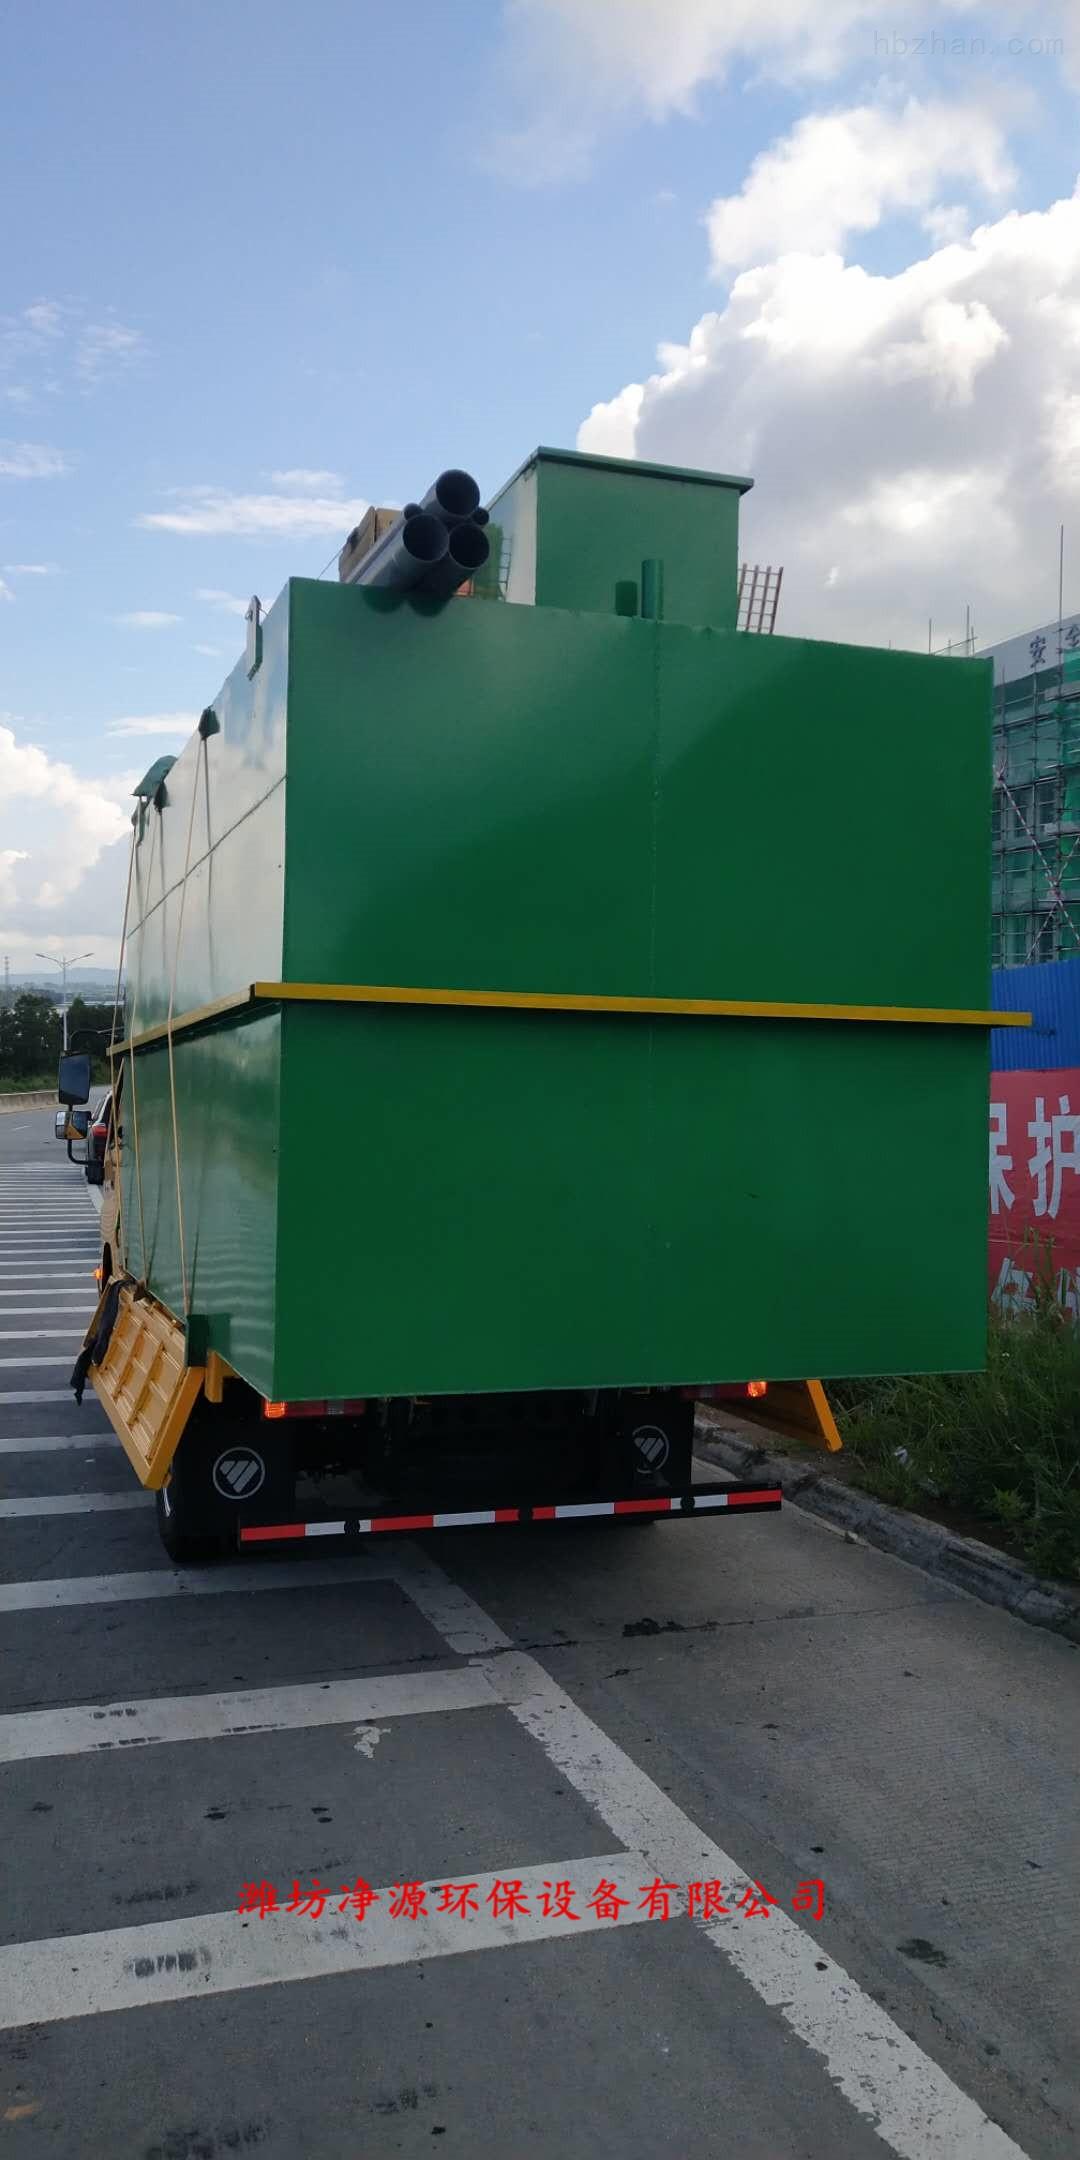 蚌埠医院污水处理设备说明